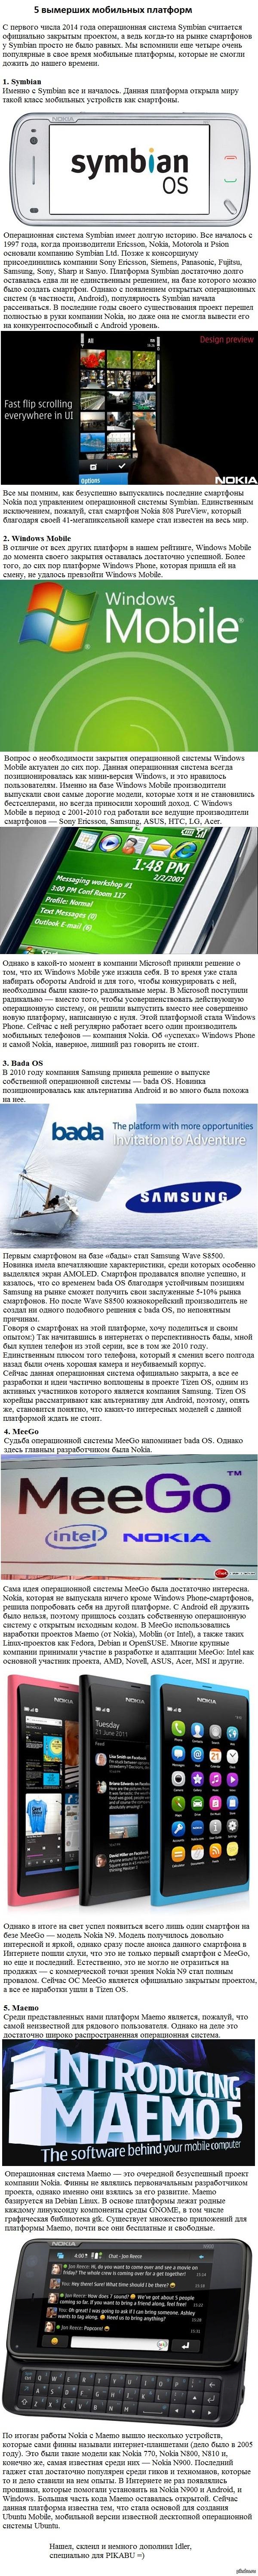 Вымершие платформы Нашел на просторах рунета, не ругайте сильно, взято из статьи)